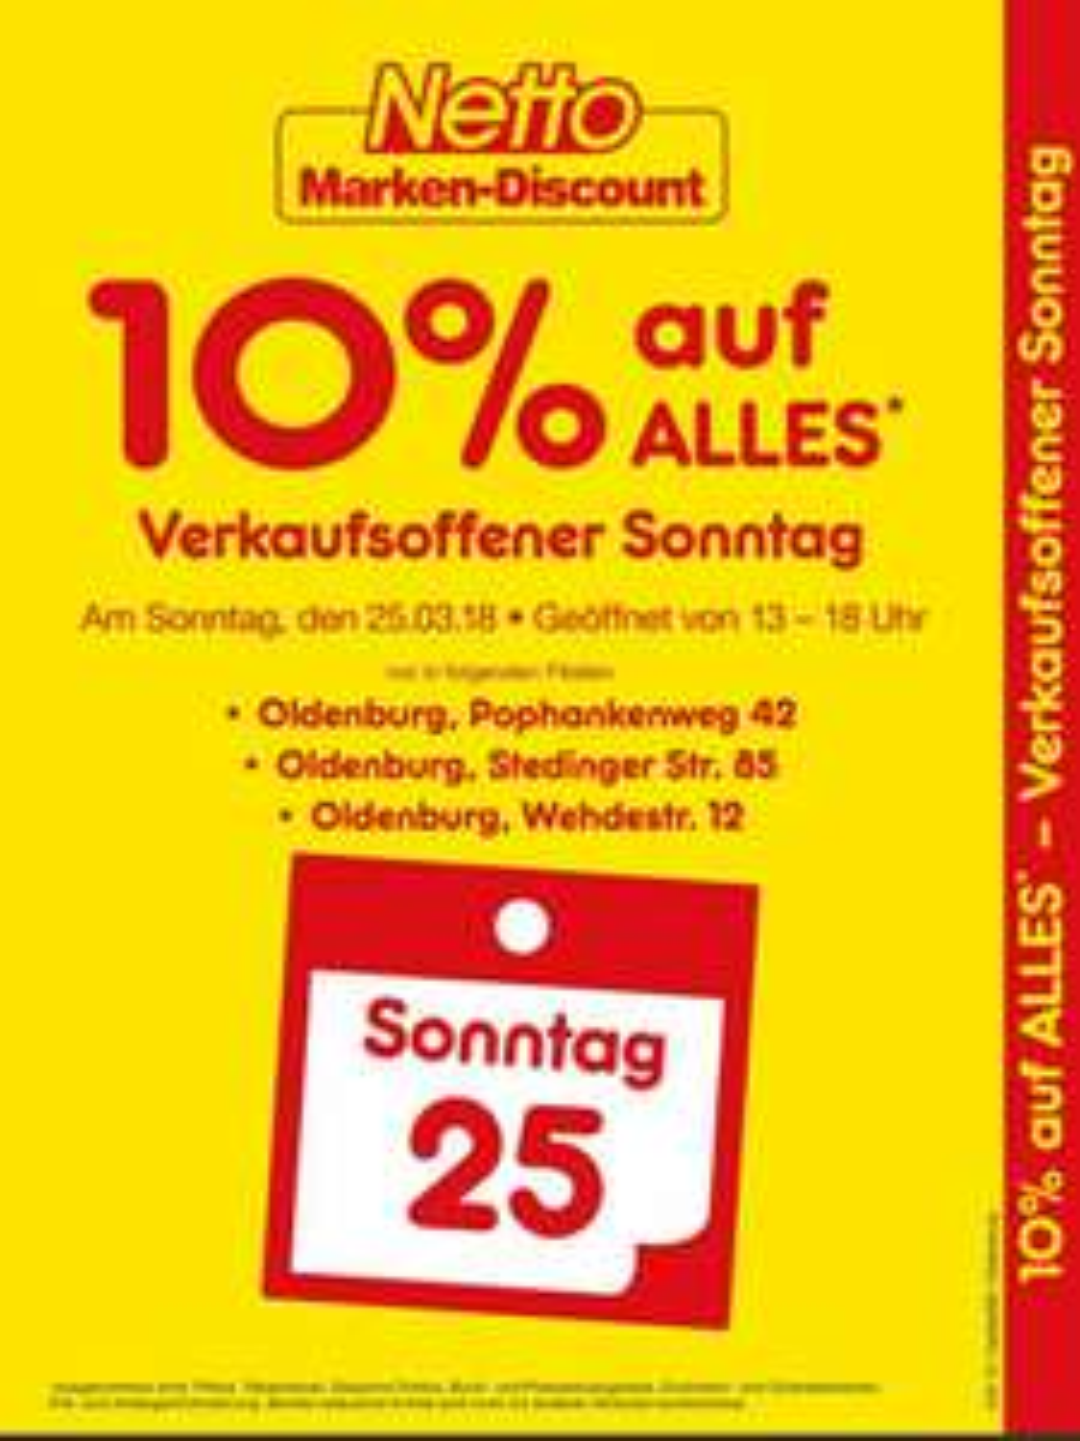 Netto Oldenburg 10% auf alles, Verkaufsoffener Sonntag